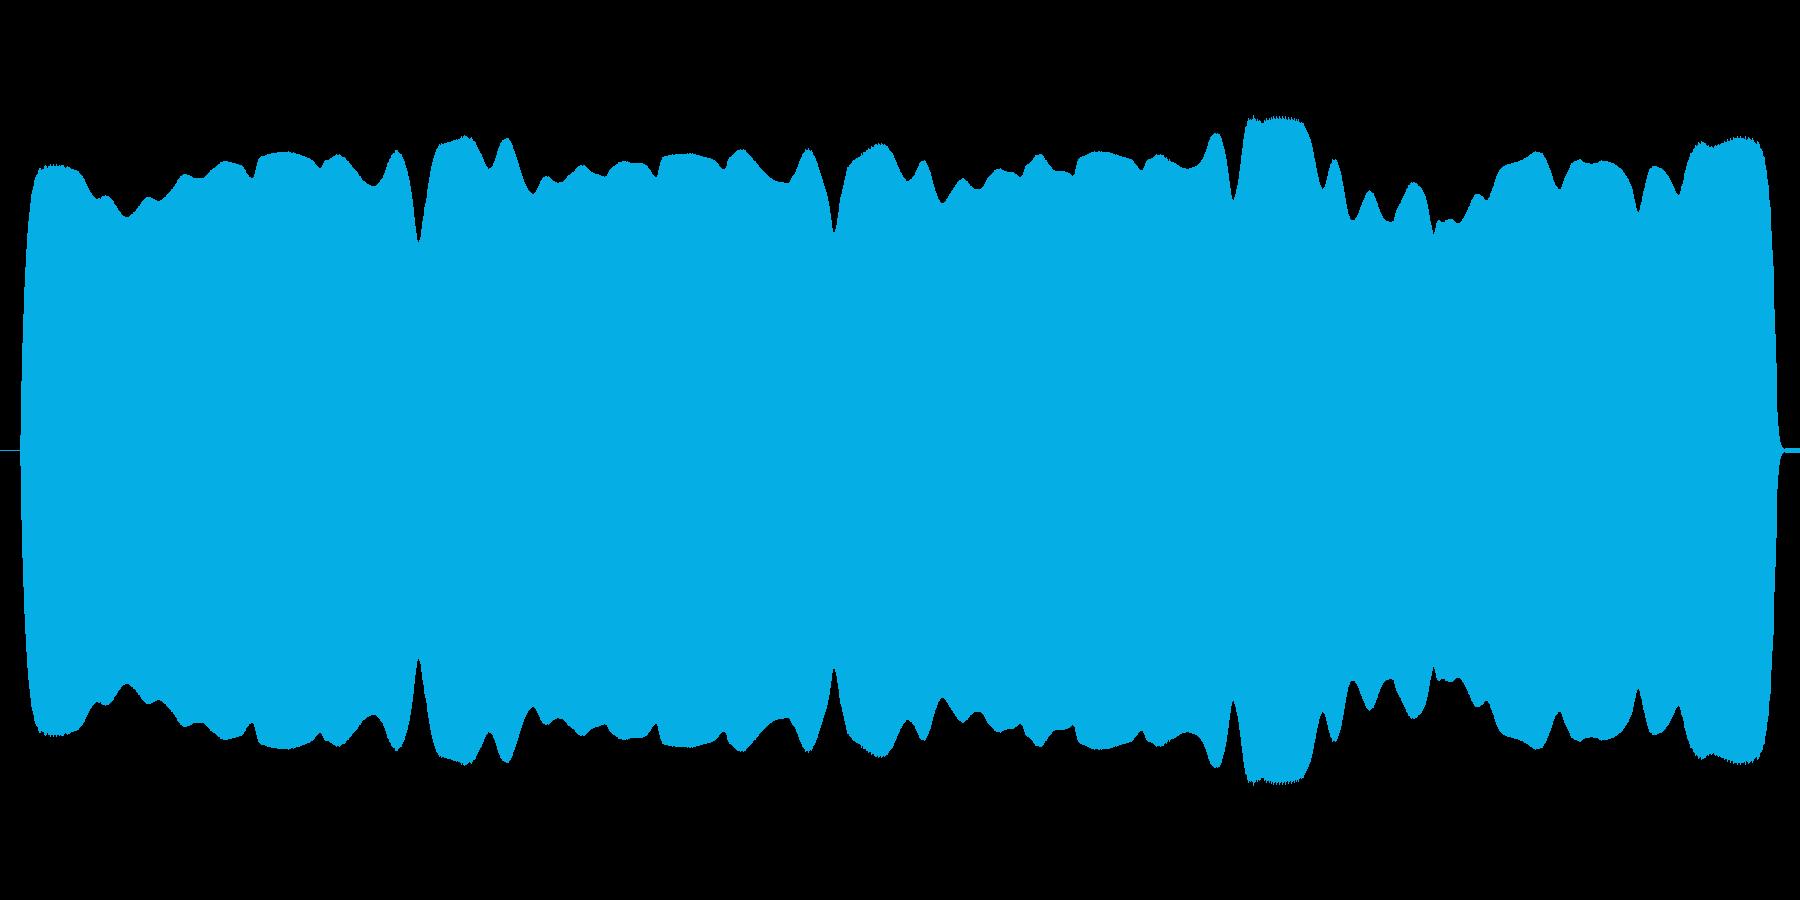 ブワンブワンテルミン(不安定な高低、遅速の再生済みの波形